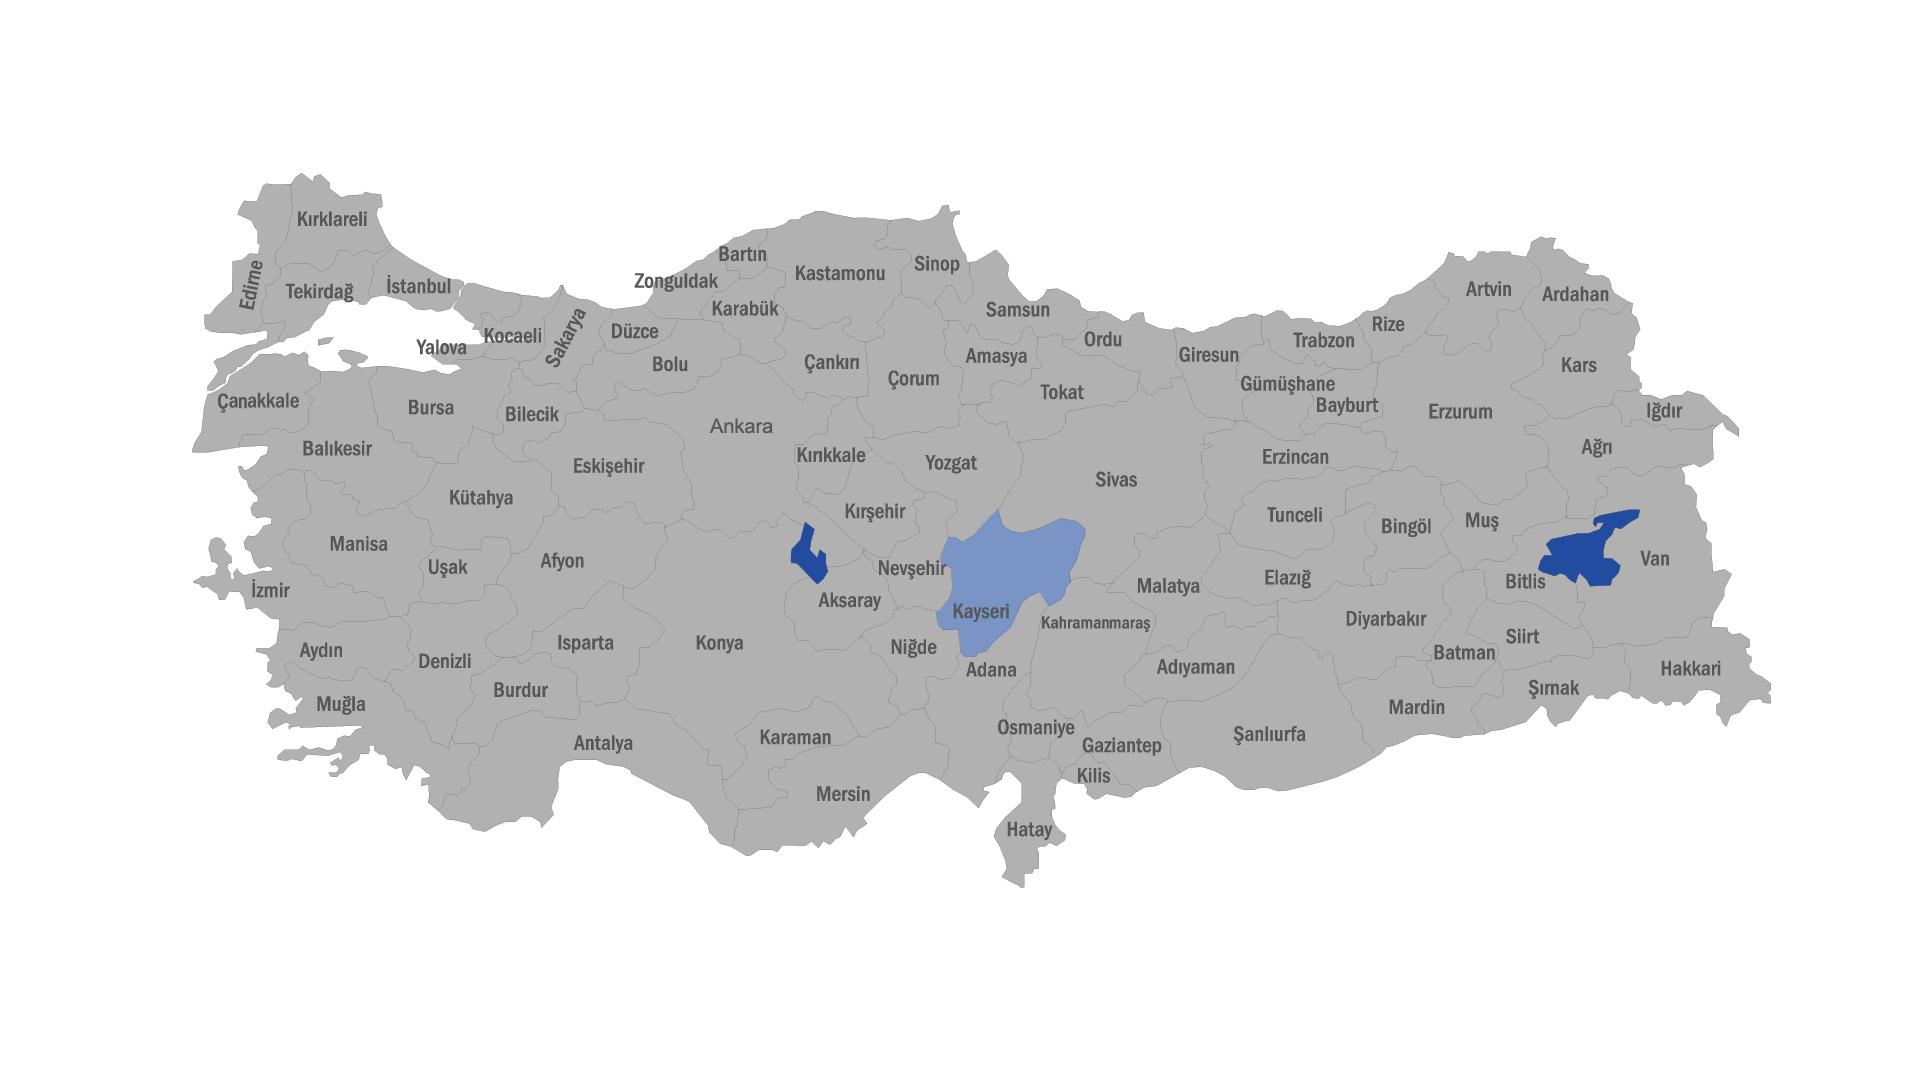 KAYSERİ BÖLGE